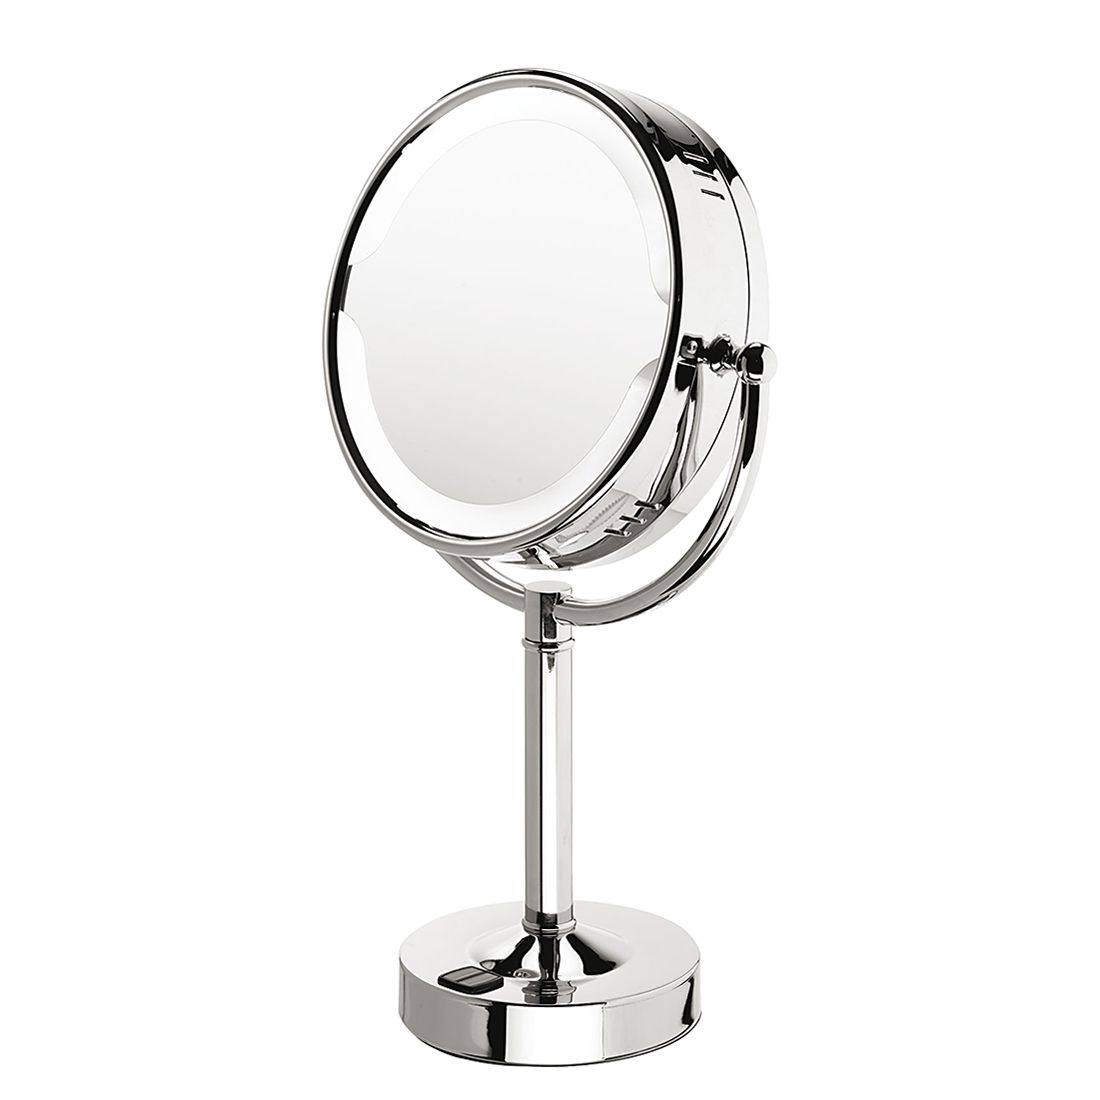 Standspiegel Tanja – Chrom, beleuchtet, 3-fache Vergrößerung, Nicol-Wohnausstattungen günstig kaufen